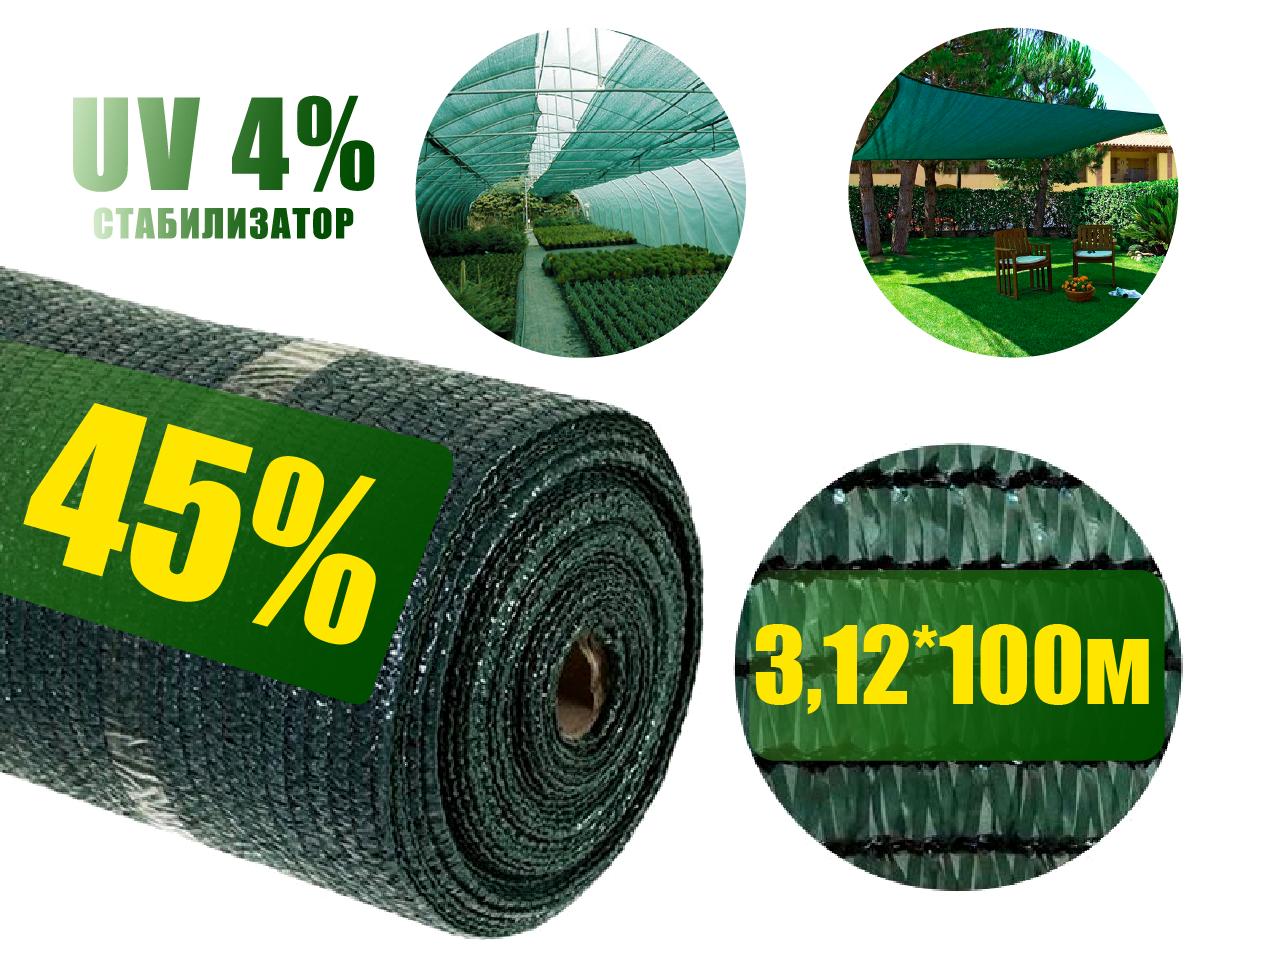 Сетка затеняющая   35%  3,12*100 зеленая Чехия